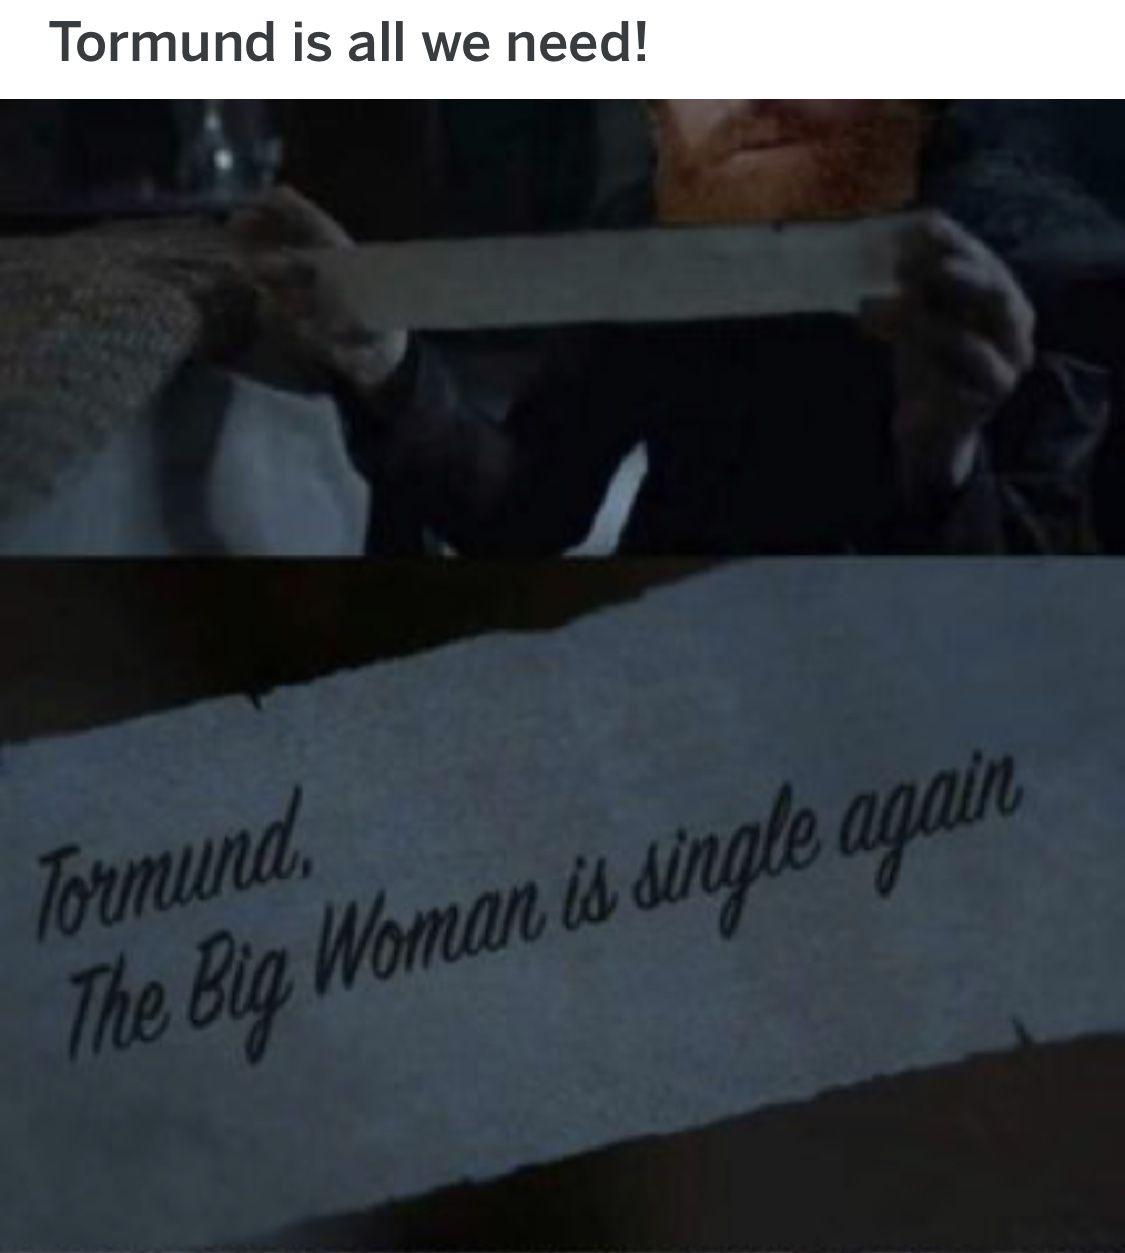 Game Of Thrones Season 8 Stream Reddit Freefolk SPOILERS